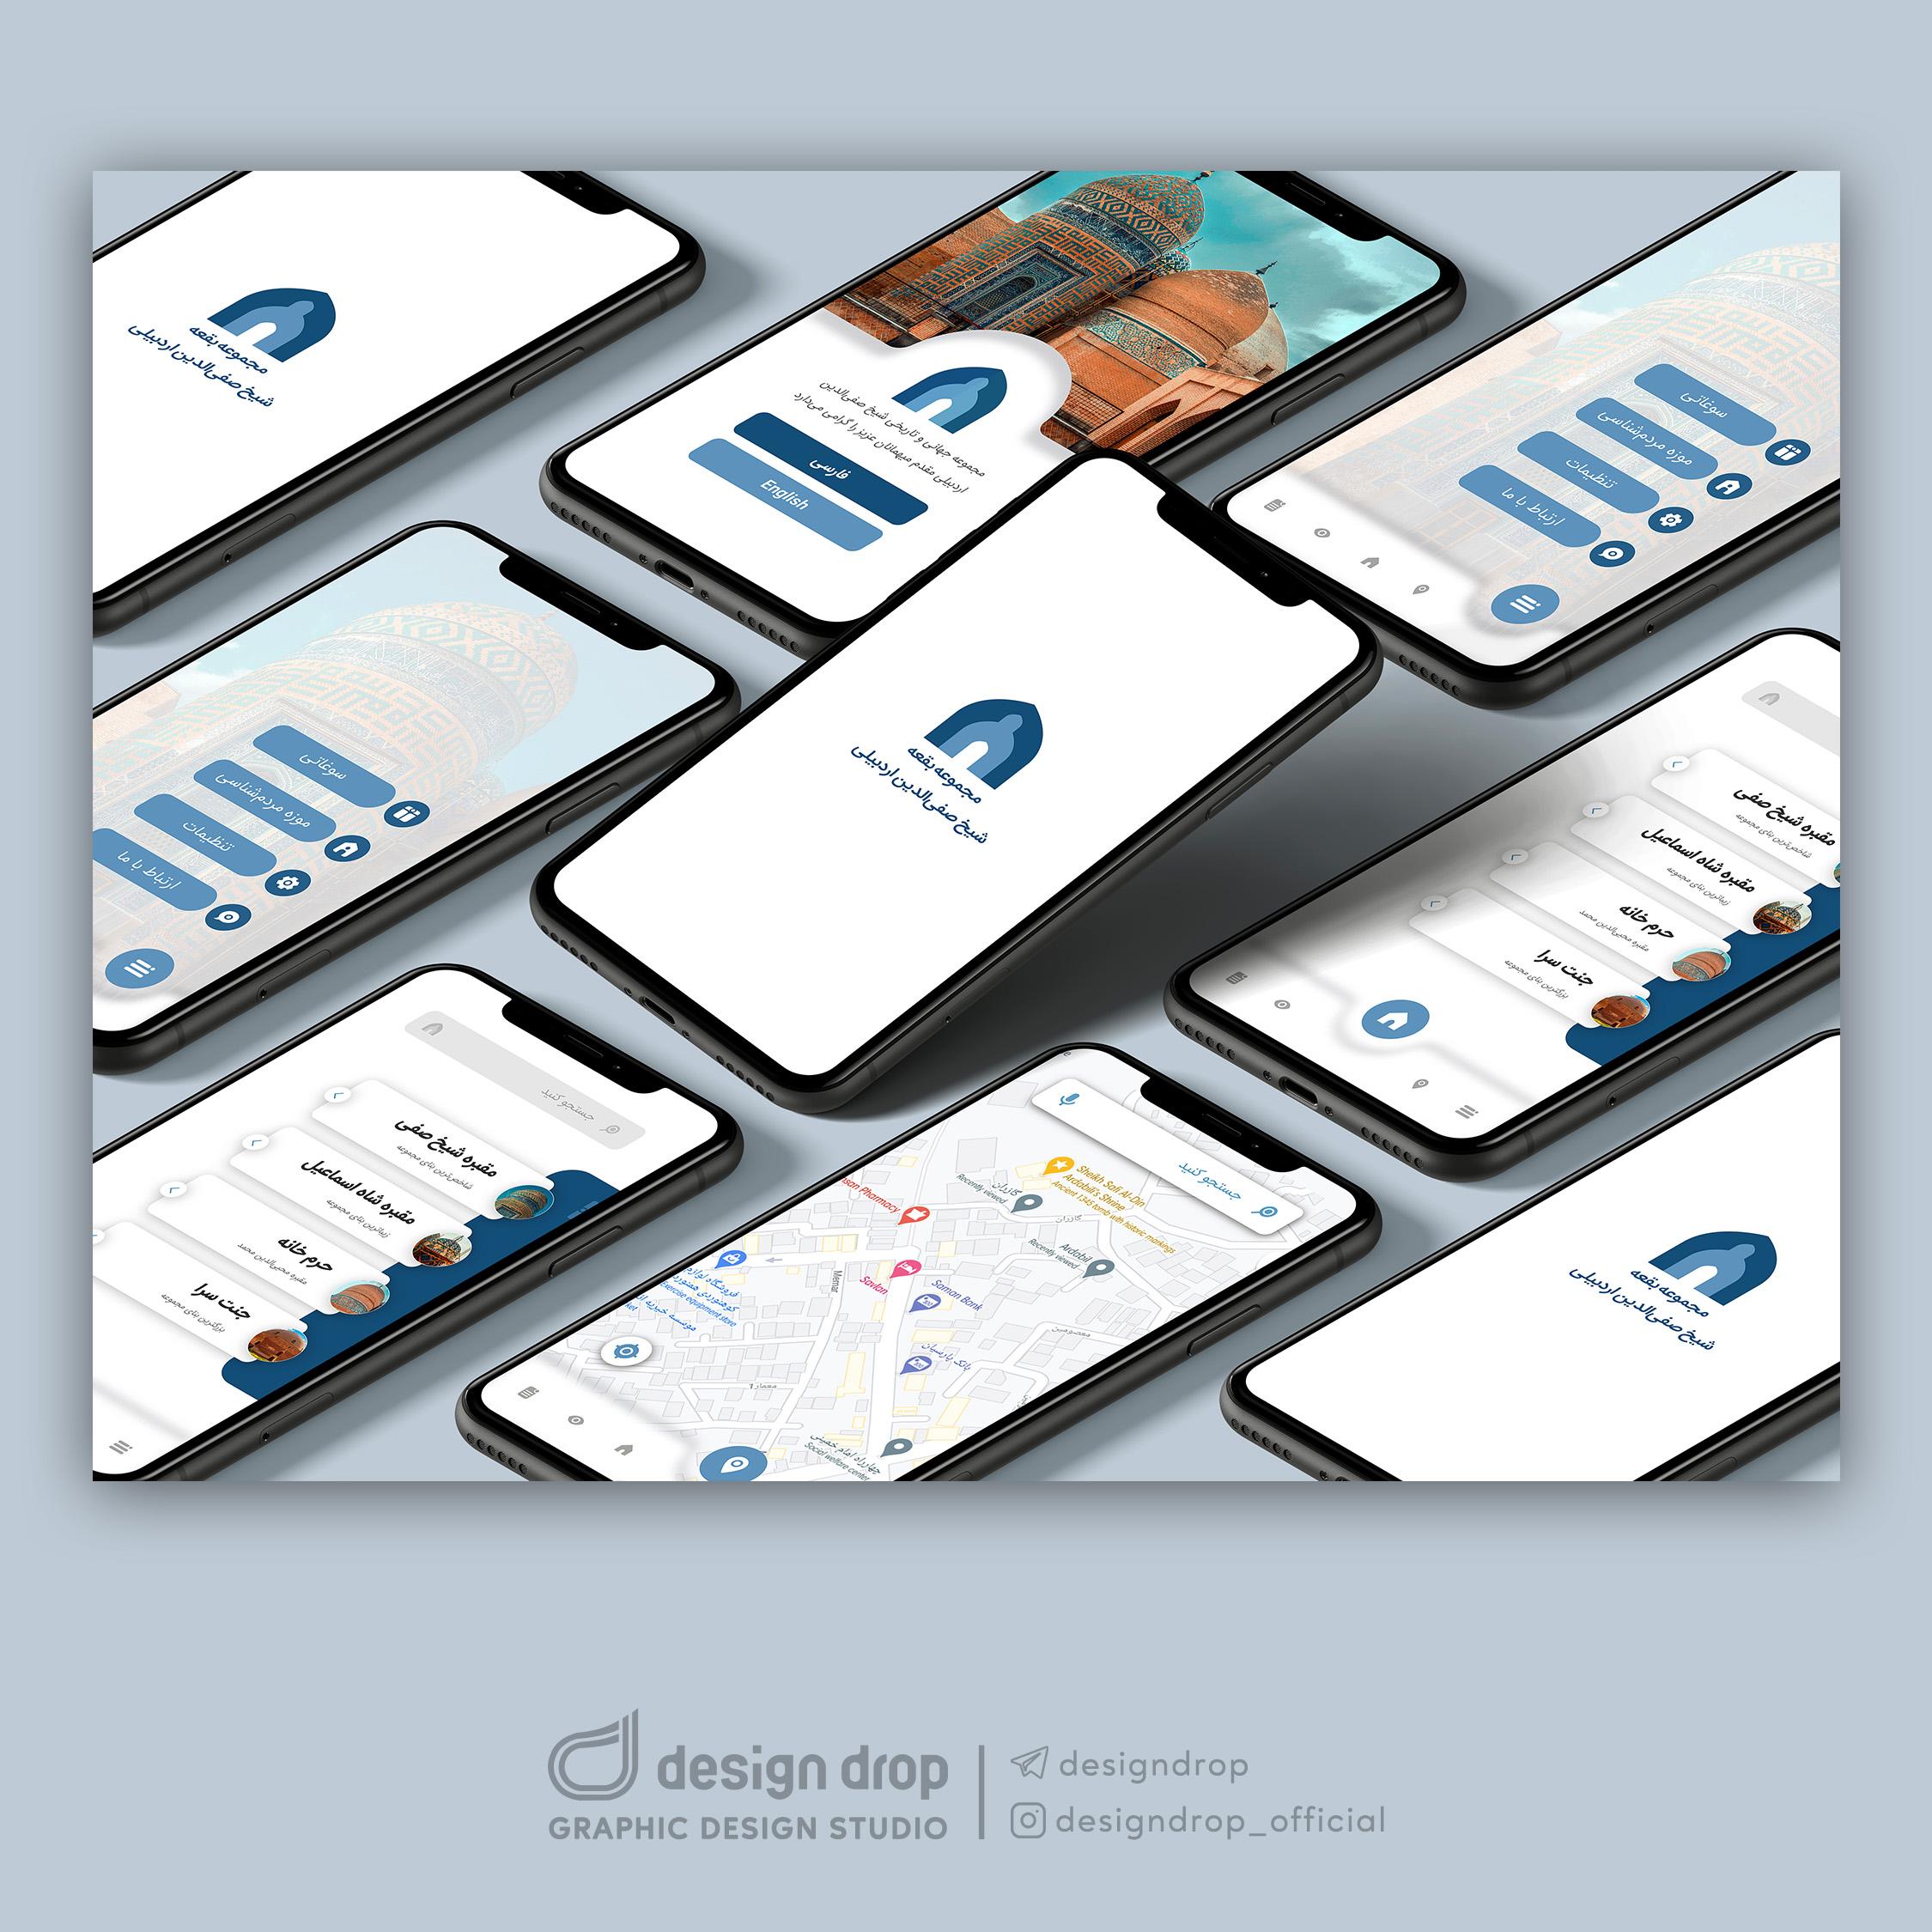 طراحی گرافیک رابط کاربری اپلیکیشن شیخ صفی